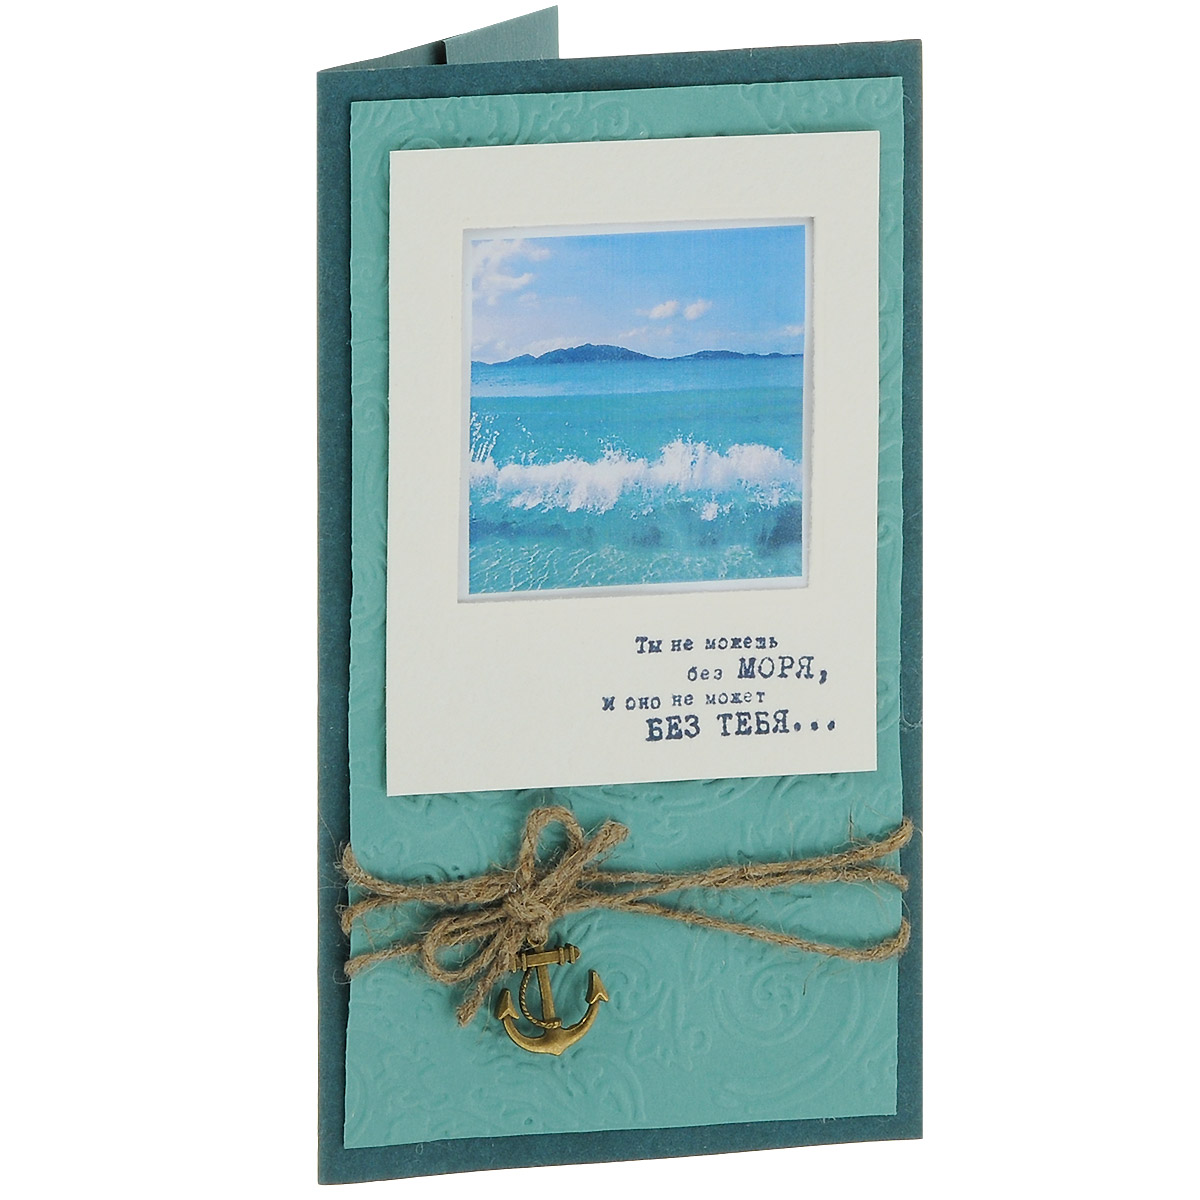 ОМ-0006 Открытка-конверт «Ты не можешь без моря, а море не может без тебя». Студия «Тётя Роза»94985Характеристики: Размер 19 см x 11 см.Материал: Высоко-художественный картон, бумага, декор. Данная открытка может стать как прекрасным дополнением к вашему подарку, так и самостоятельным подарком. Так как открытка является и конвертом, в который вы можете вложить ваш денежный подарок или просто написать ваши пожелания на вкладыше. Открытка-картина, сочетает в себе одновременно и функции подарка. Дизайн продуман очень универсально: такая открытка может быть украшением любого знаменательного события. В дизайне использовано текстурное тиснение, многослойные разно-фактурные картоны, шнур и металлическая подвеска «штурвал». Также открытка упакована в пакетик для сохранности.Обращаем Ваше внимание на то, что открытка может незначительно отличаться от представленной на фото.Открытки ручной работы от студии Тётя Роза отличаются своим неповторимым и ярким стилем. Каждая уникальна и выполнена вручную мастерами студии. (Открытка для мужчин, открытка для женщины, открытка на день рождения, открытка с днем свадьбы, открытка винтаж, открытка с юбилеем, открытка на все случаи, скрапбукинг)